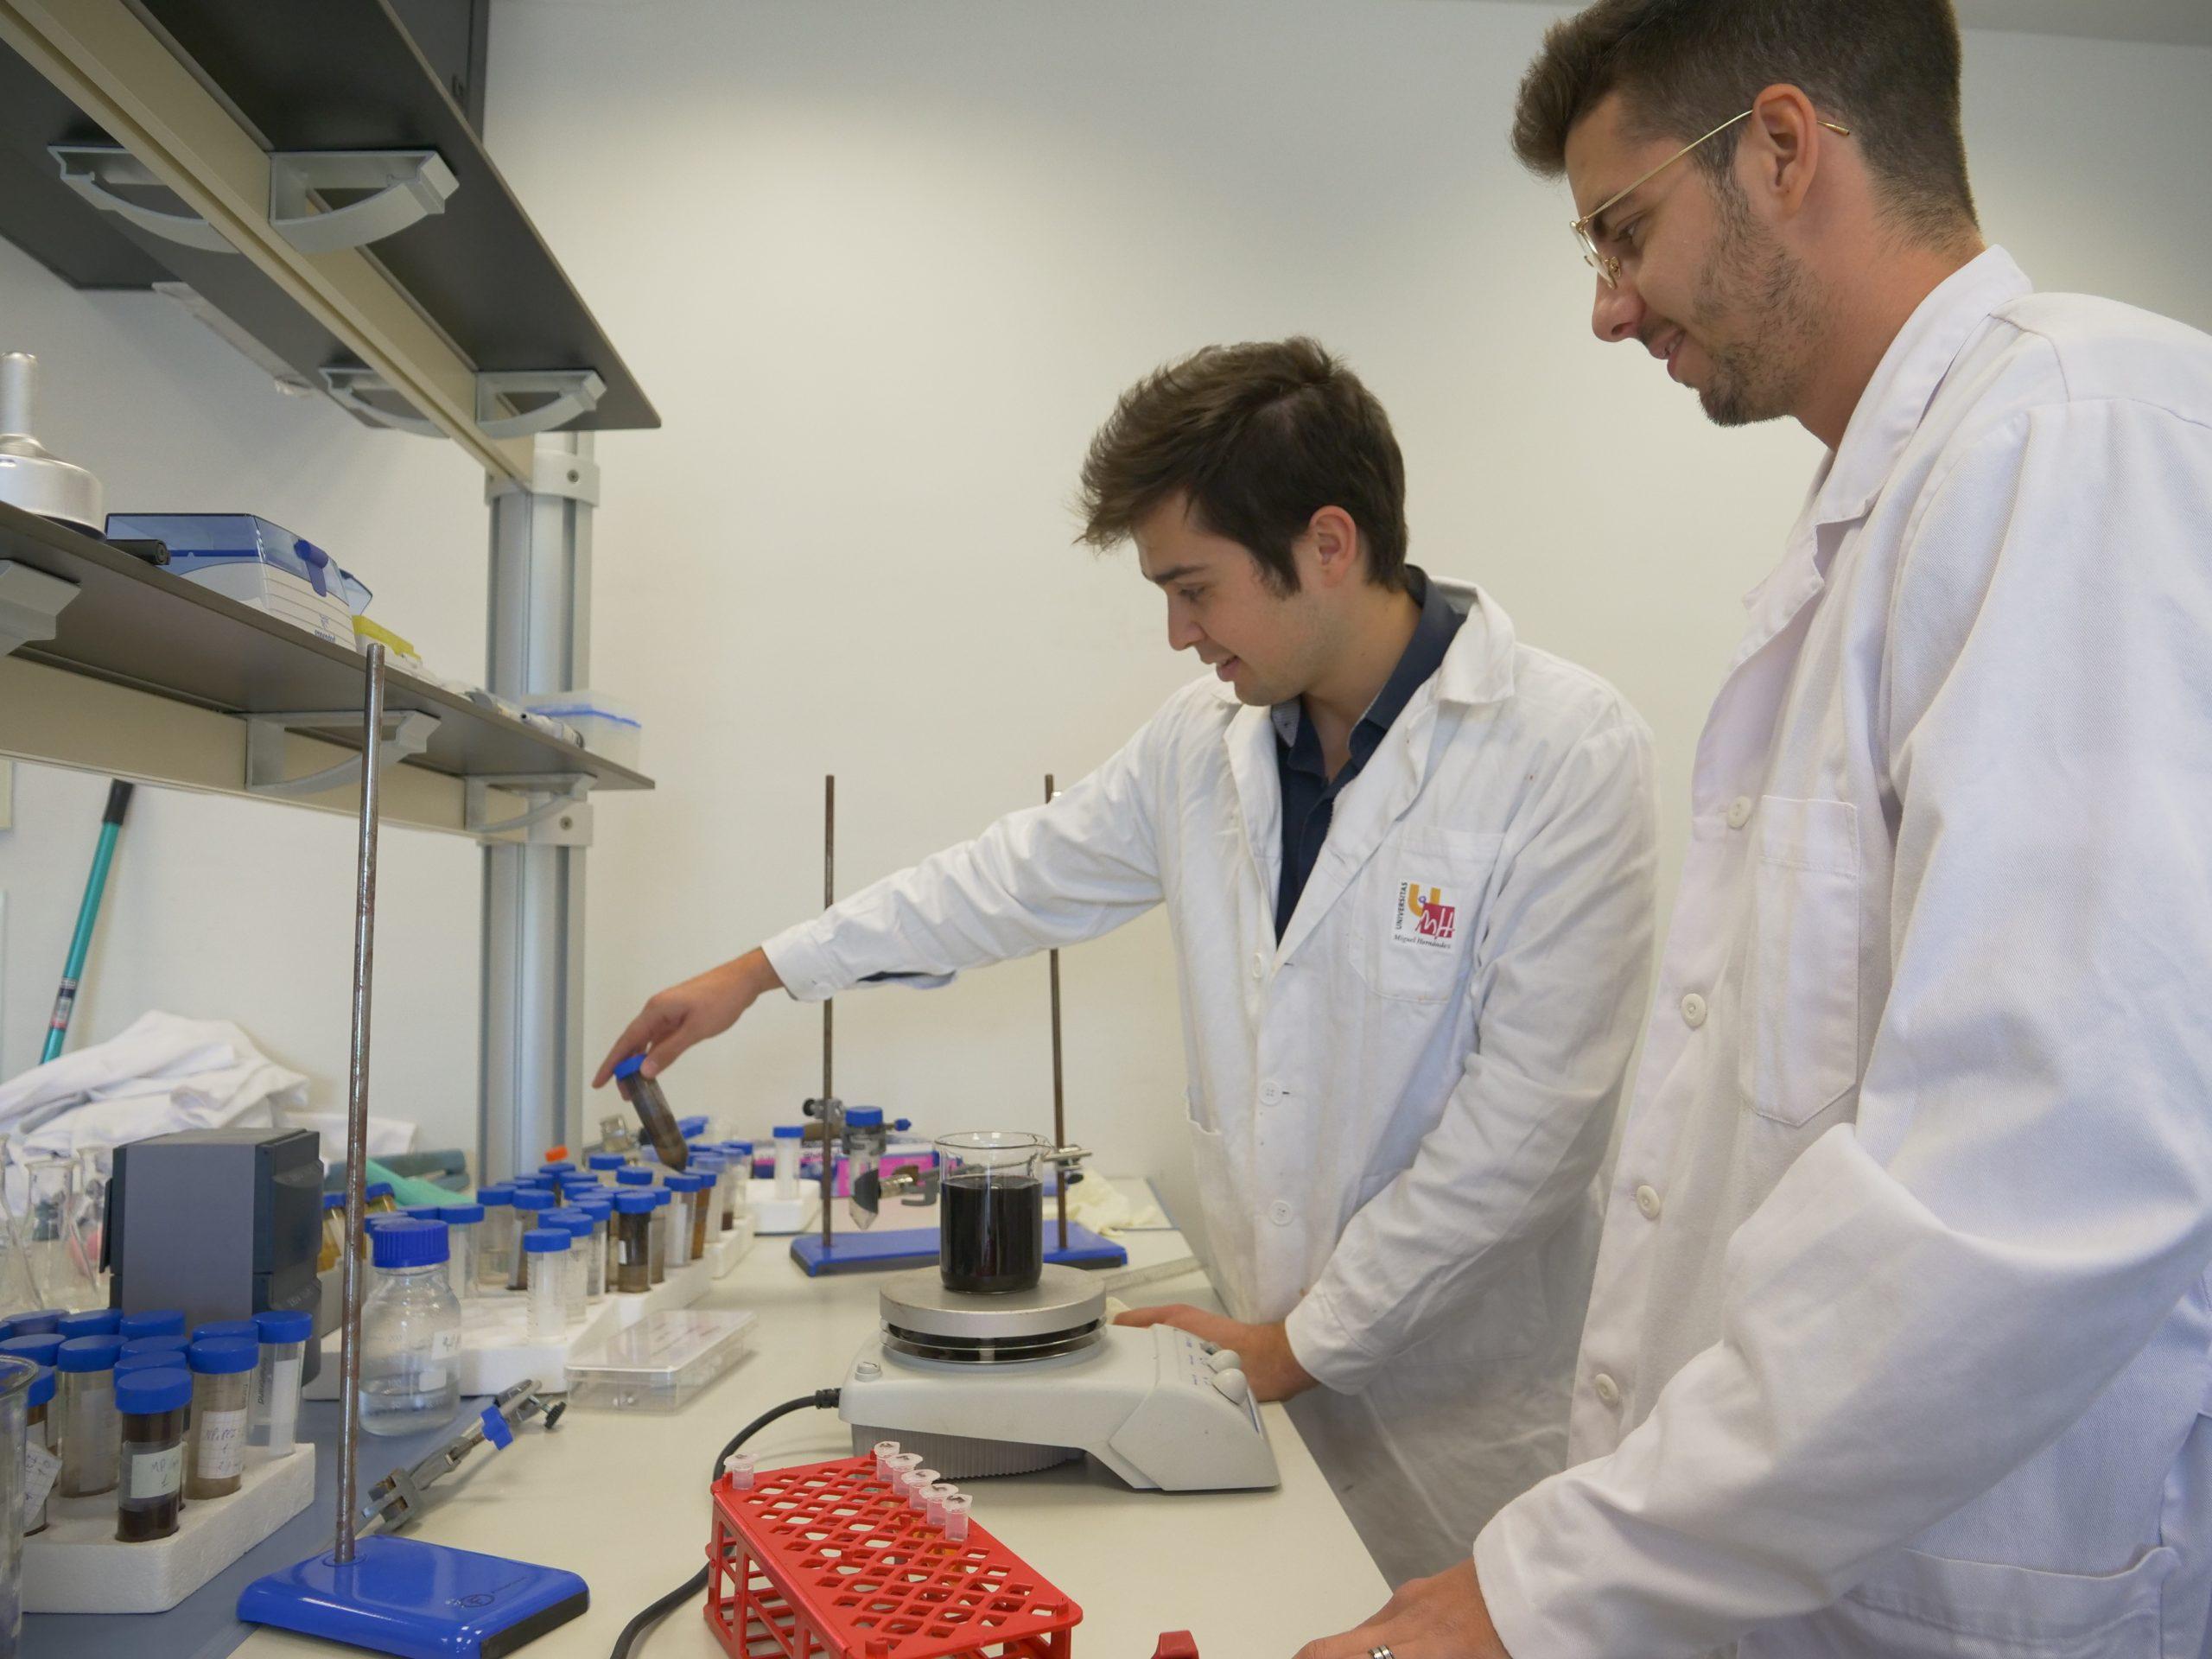 la-startup-bioferric-ink-reduce-los-azucares-anadidos-en-un-alimento-sin-modificar-sus-propiedades